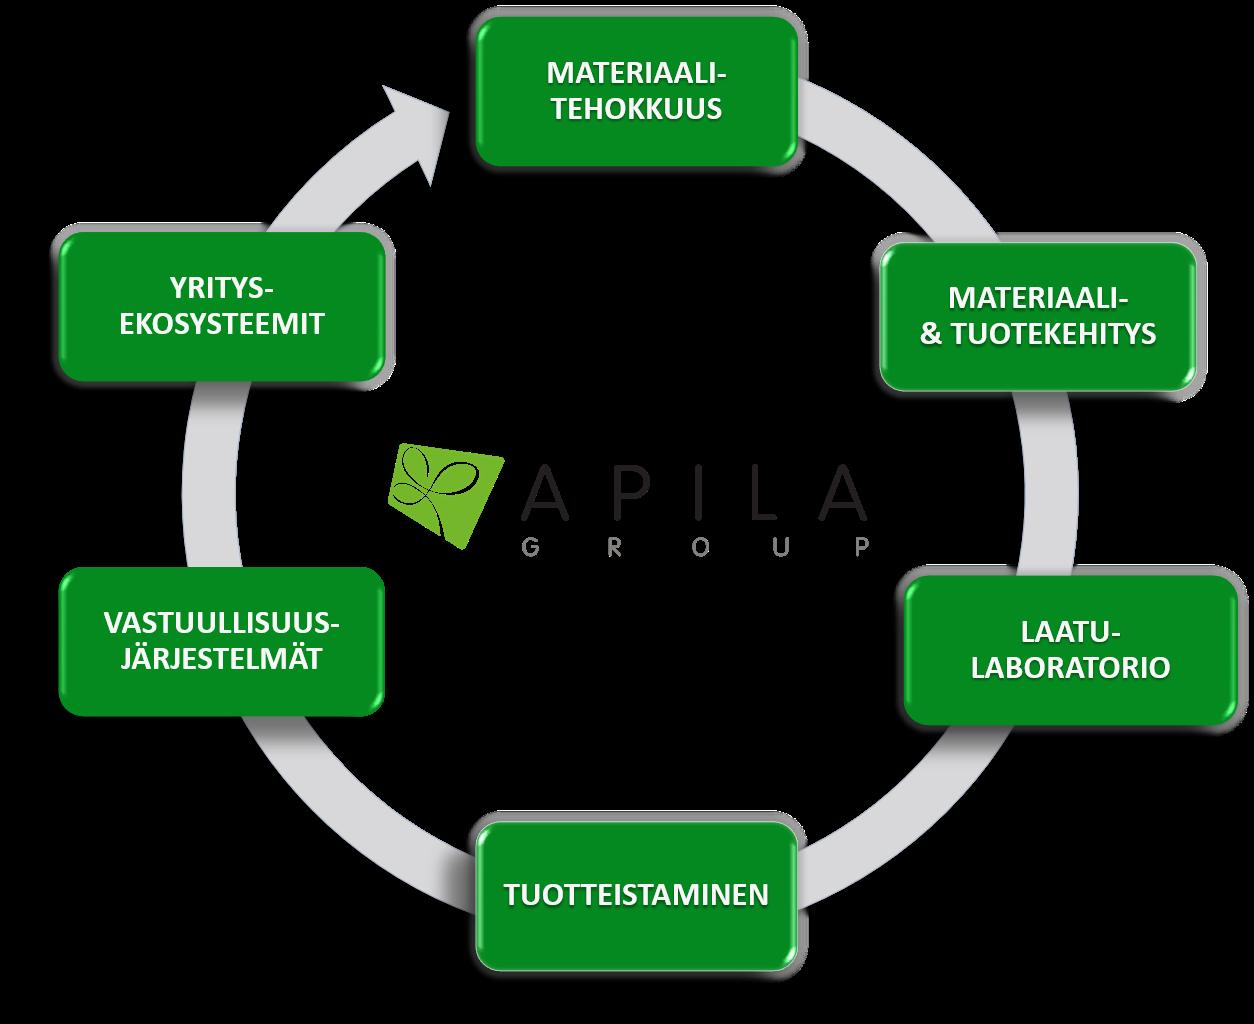 Materiaaliviisaus ja kiertotalous mukana monipuolisessa palvelutarjonnassamme